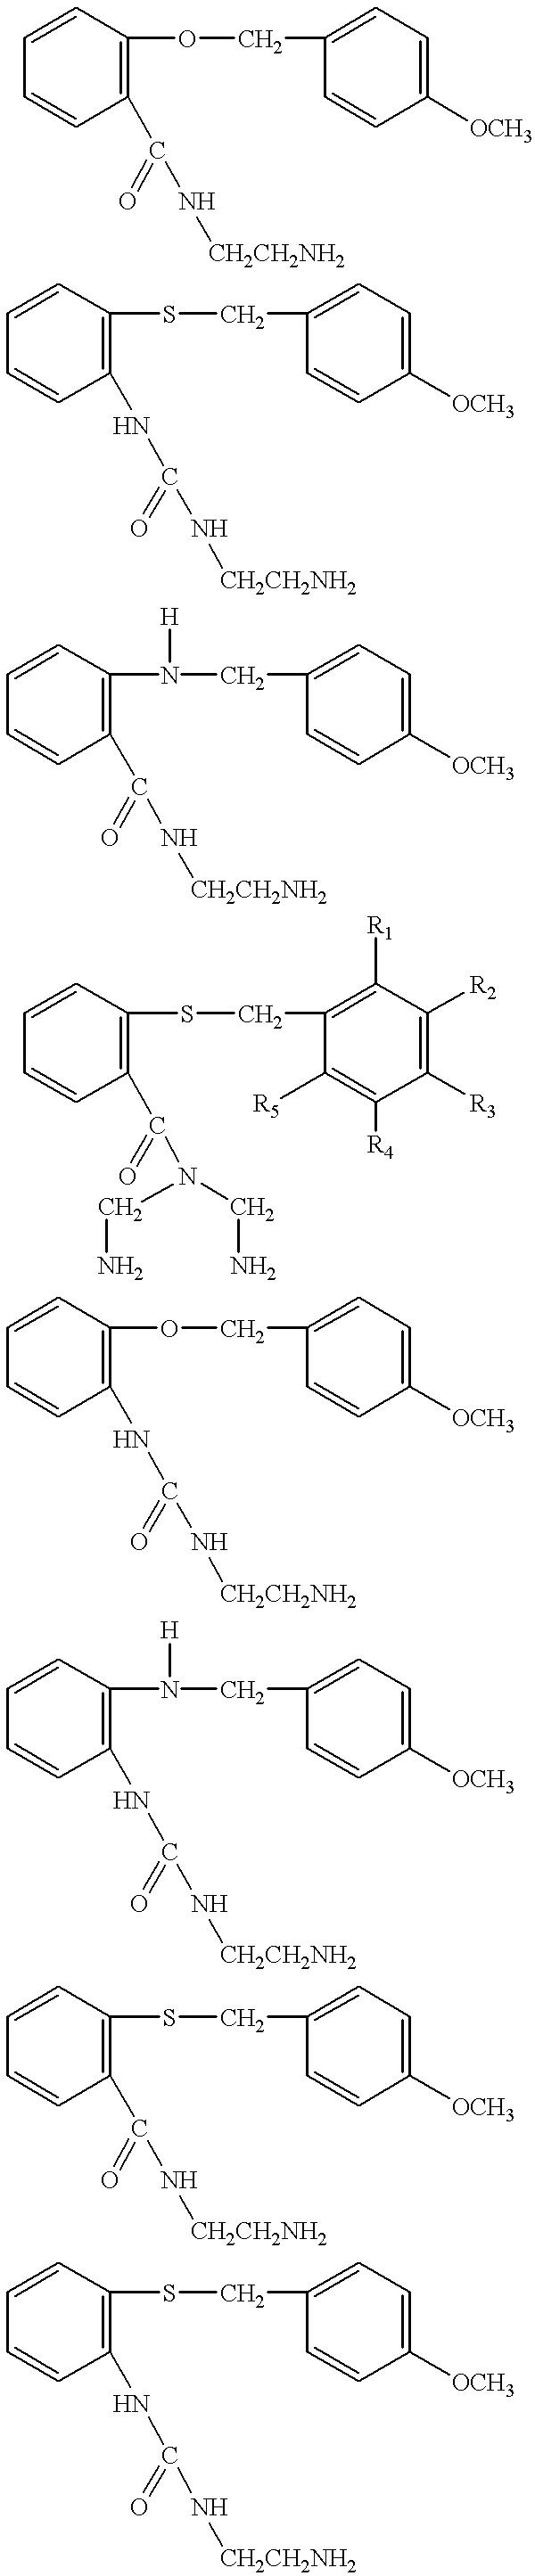 Figure US06541479-20030401-C00011